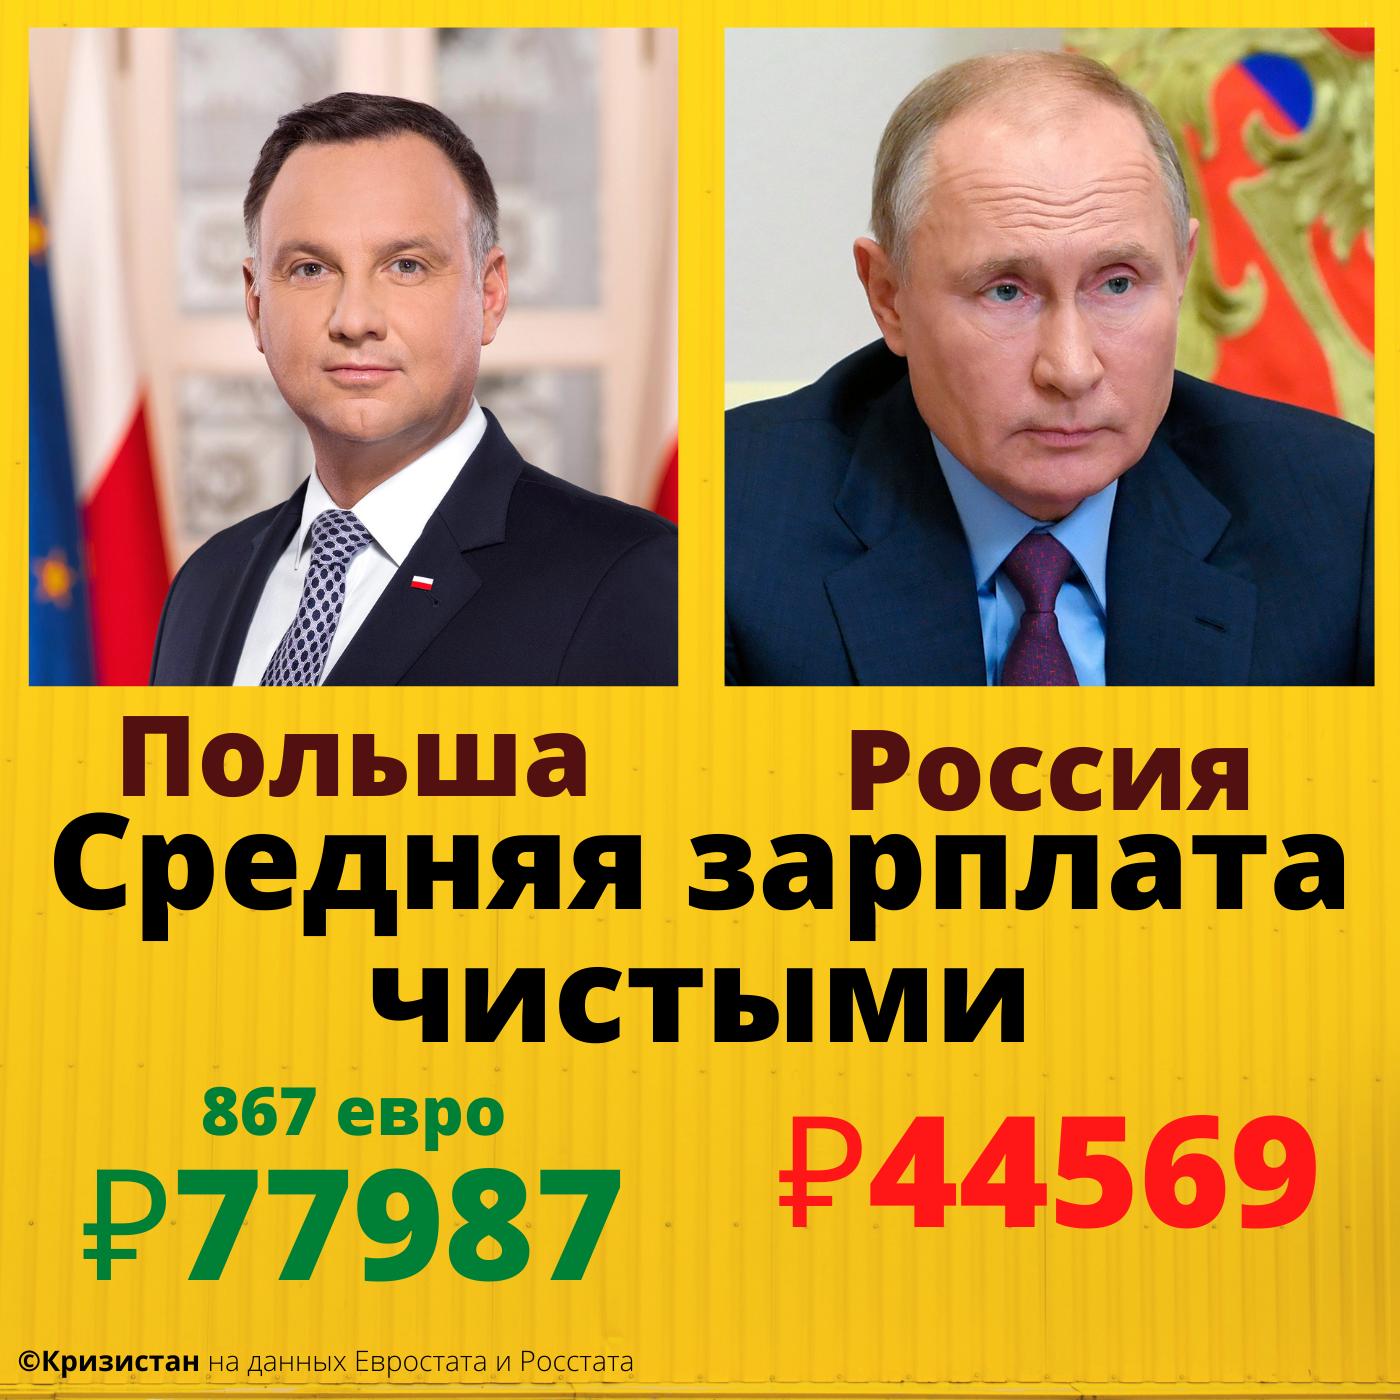 Средняя зарплата чистыми в России и в Польше